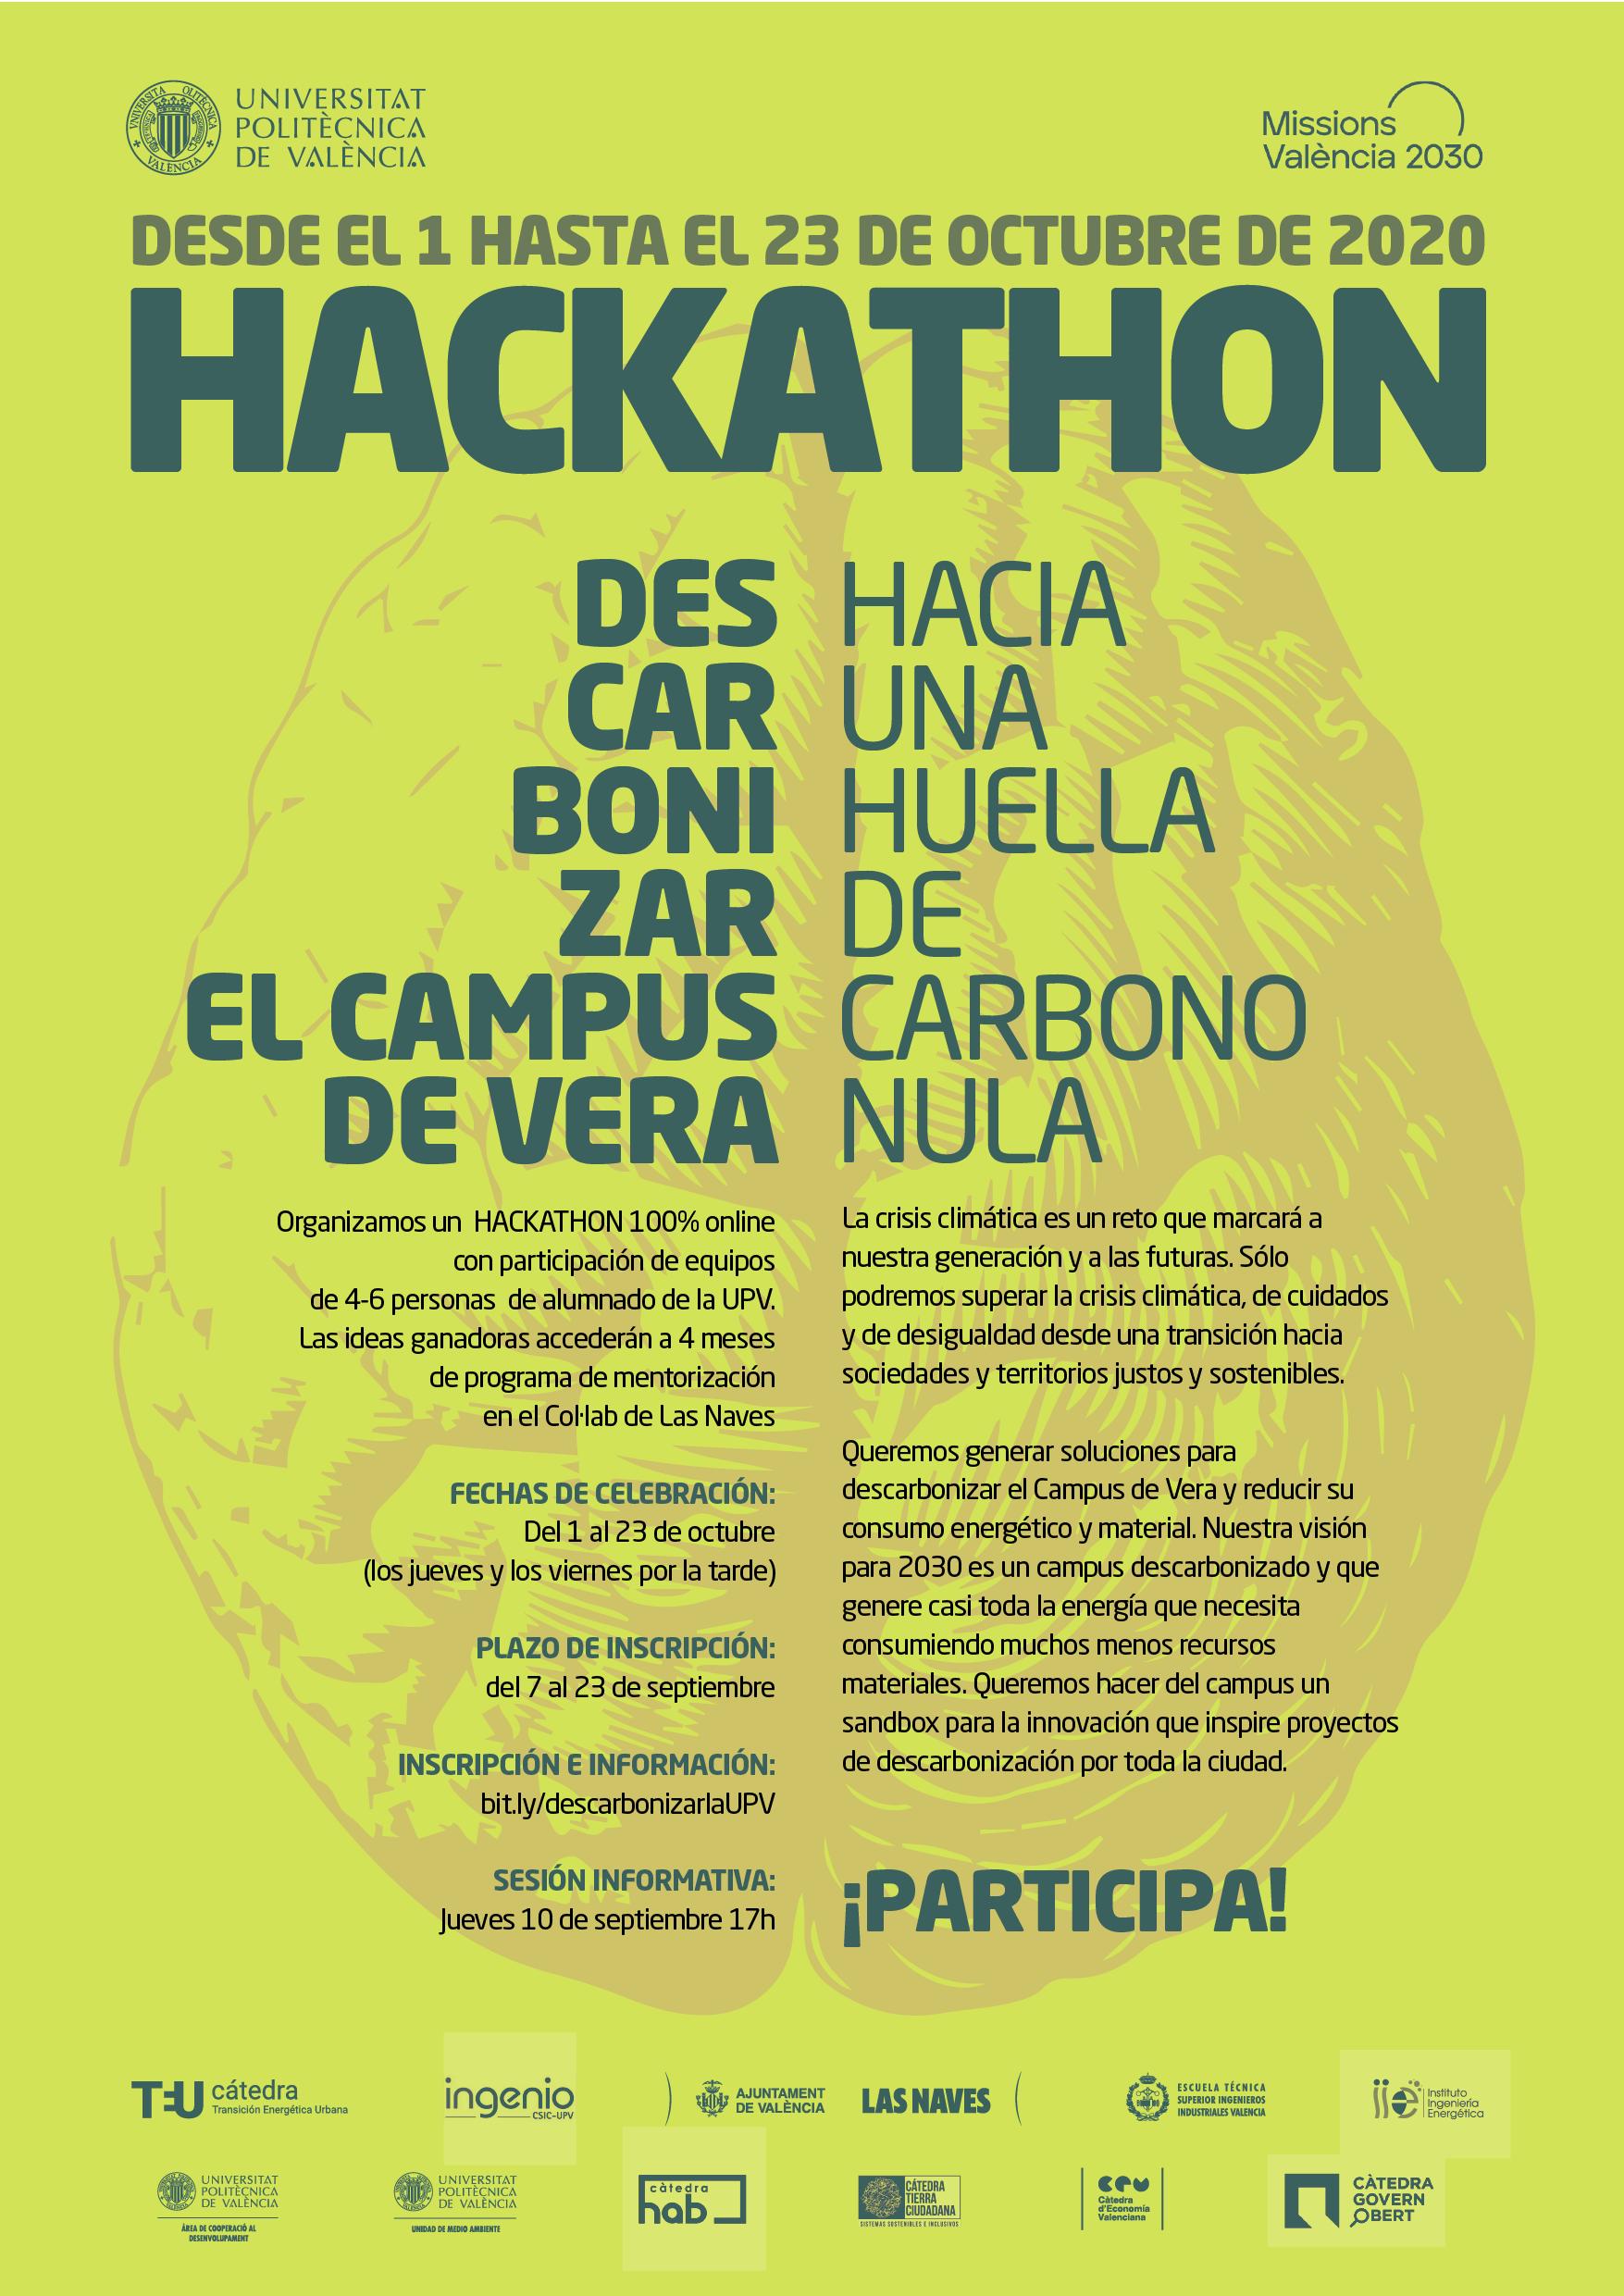 Organizamos el Hackathon DESCARBONIZAR EL CAMPUS DE VERA